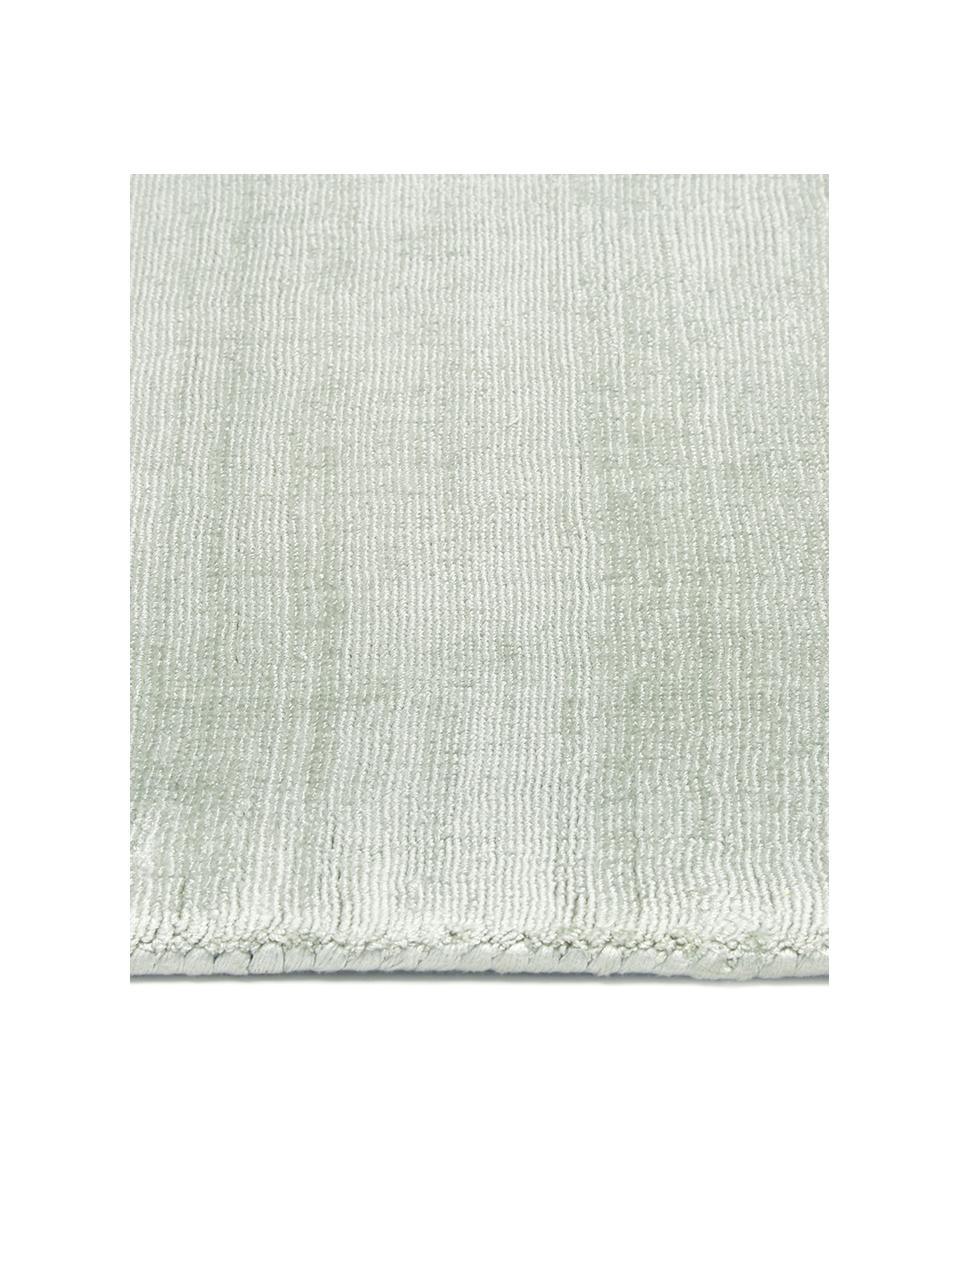 Tappeto in viscosa verde lime tessuto a mano Jane, Retro: 100% cotone, Verde lime, Larg. 160 x Lung. 230 cm (taglia M)